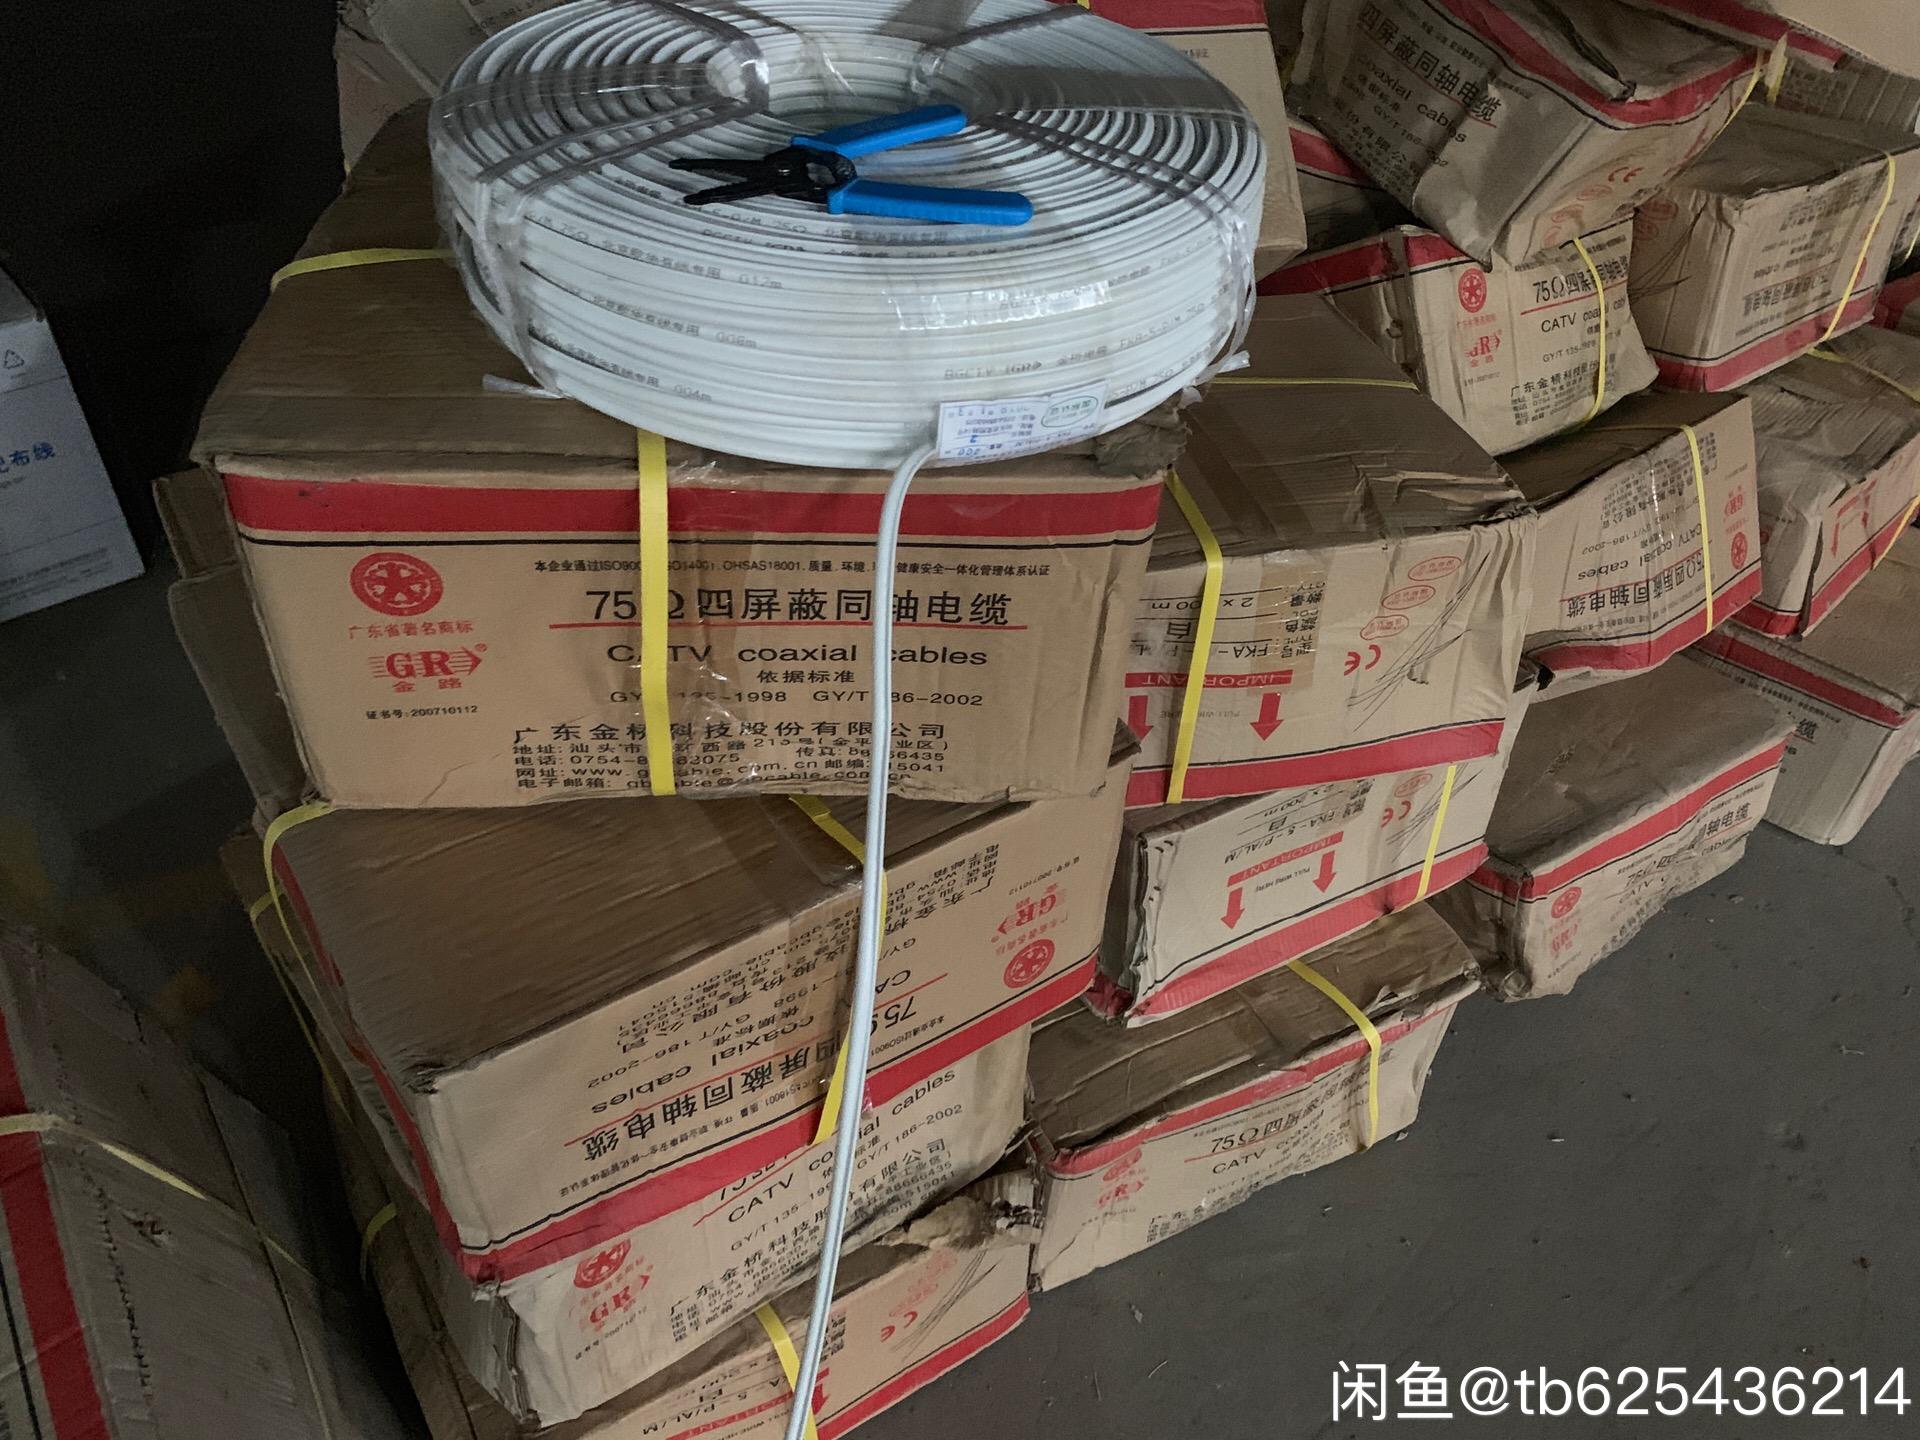 废旧电线电缆回收分类有哪些?/高价回收/铜线回收/废料回收